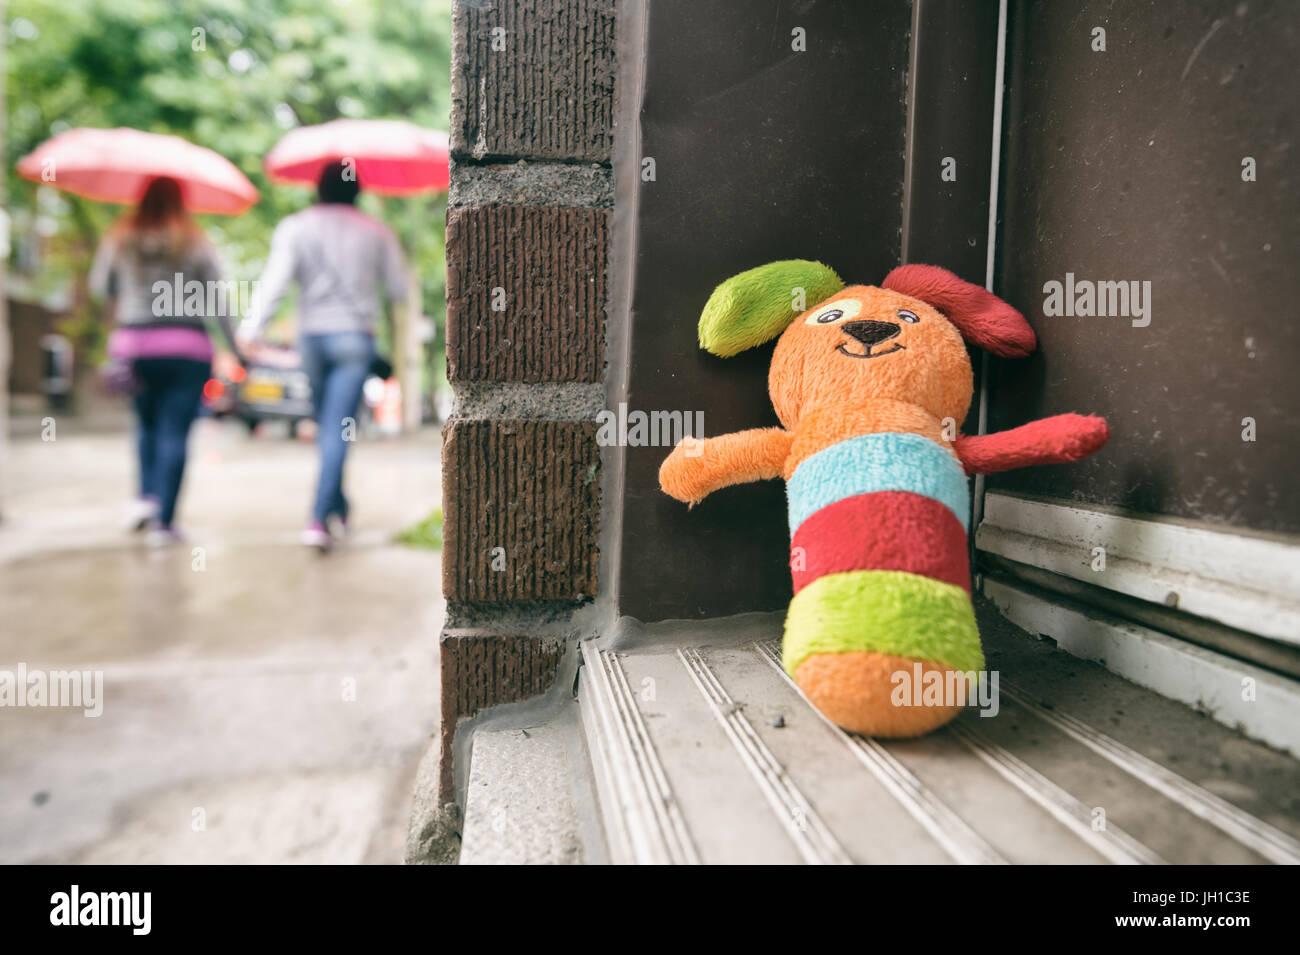 Montreal, 1. Juli 2017: Verlorene Spielzeug auf Marie Anne street Stockfoto